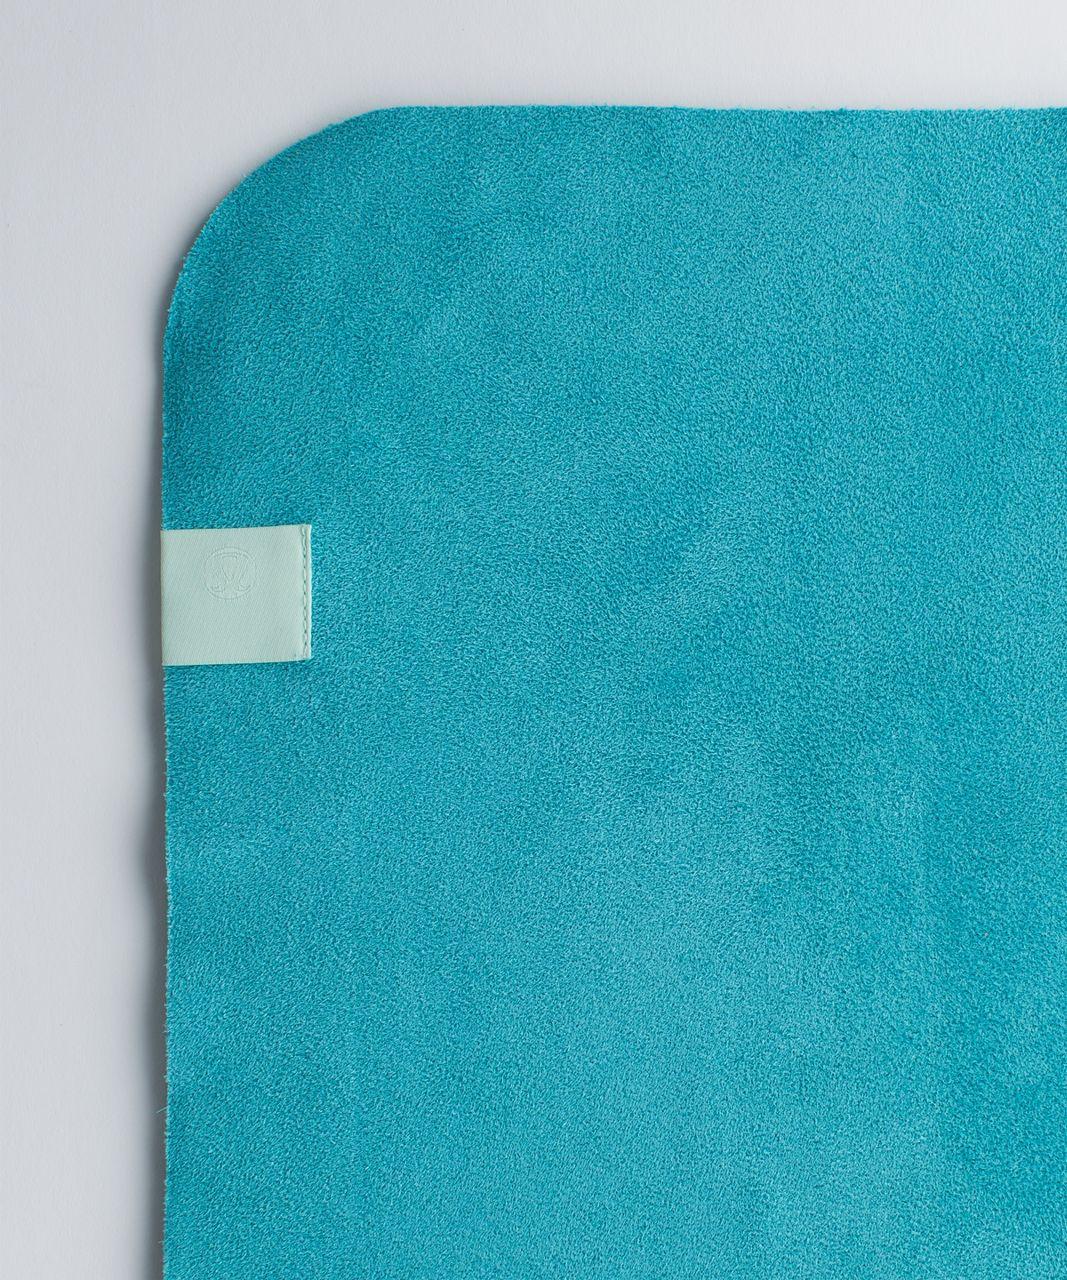 Lululemon The Towel - Peacock Blue